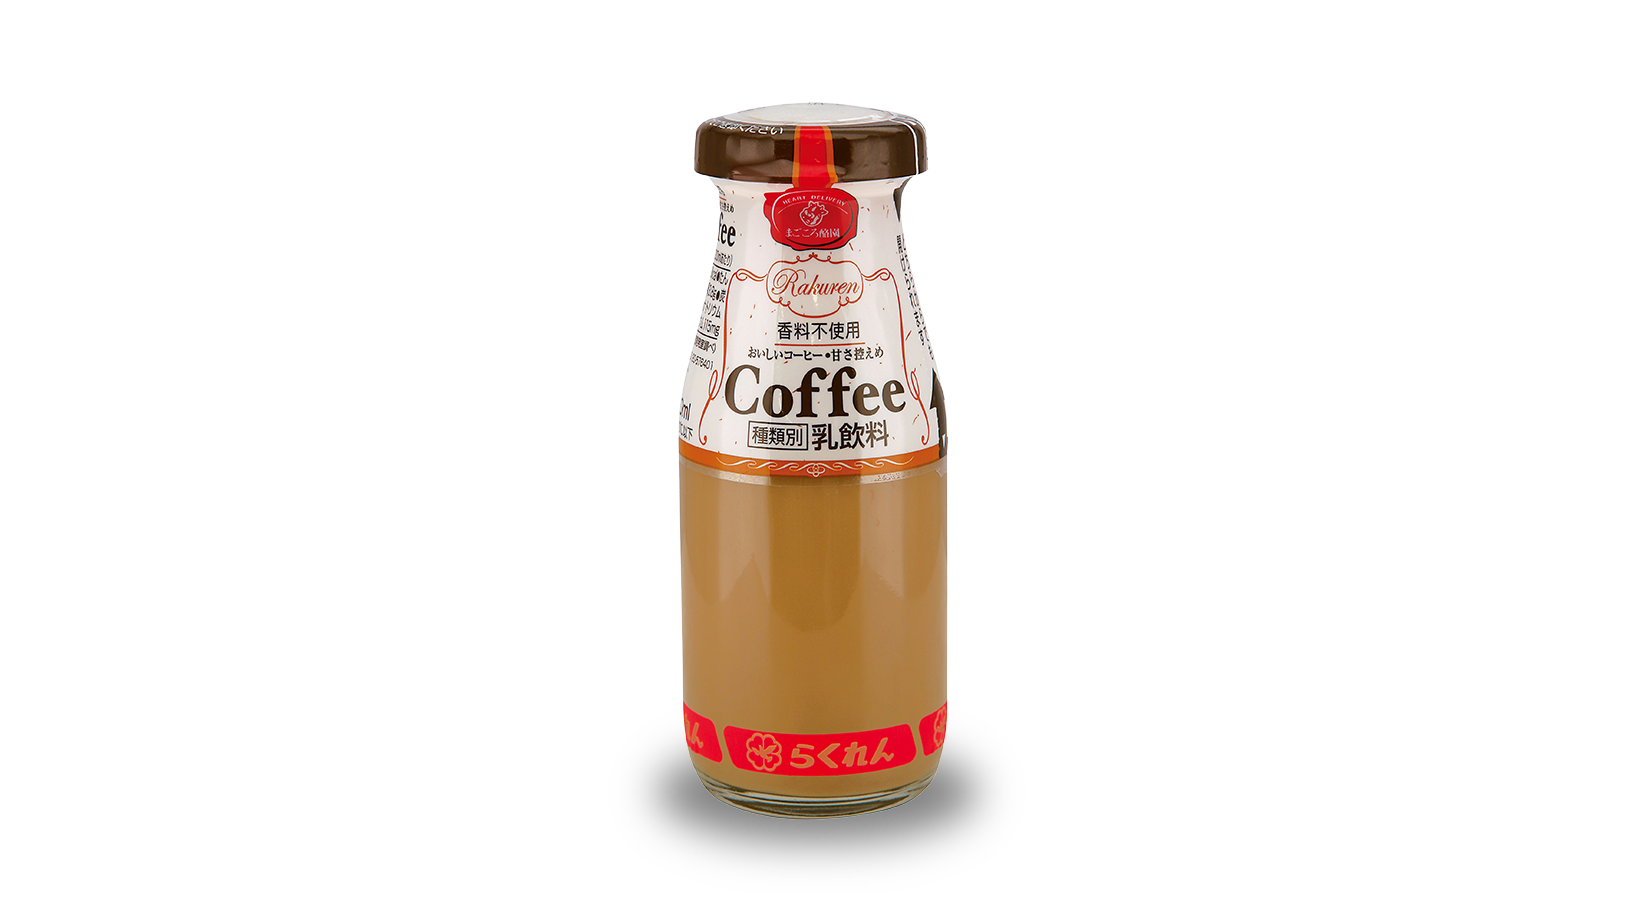 商品イメージ:Coffee(コーヒー)